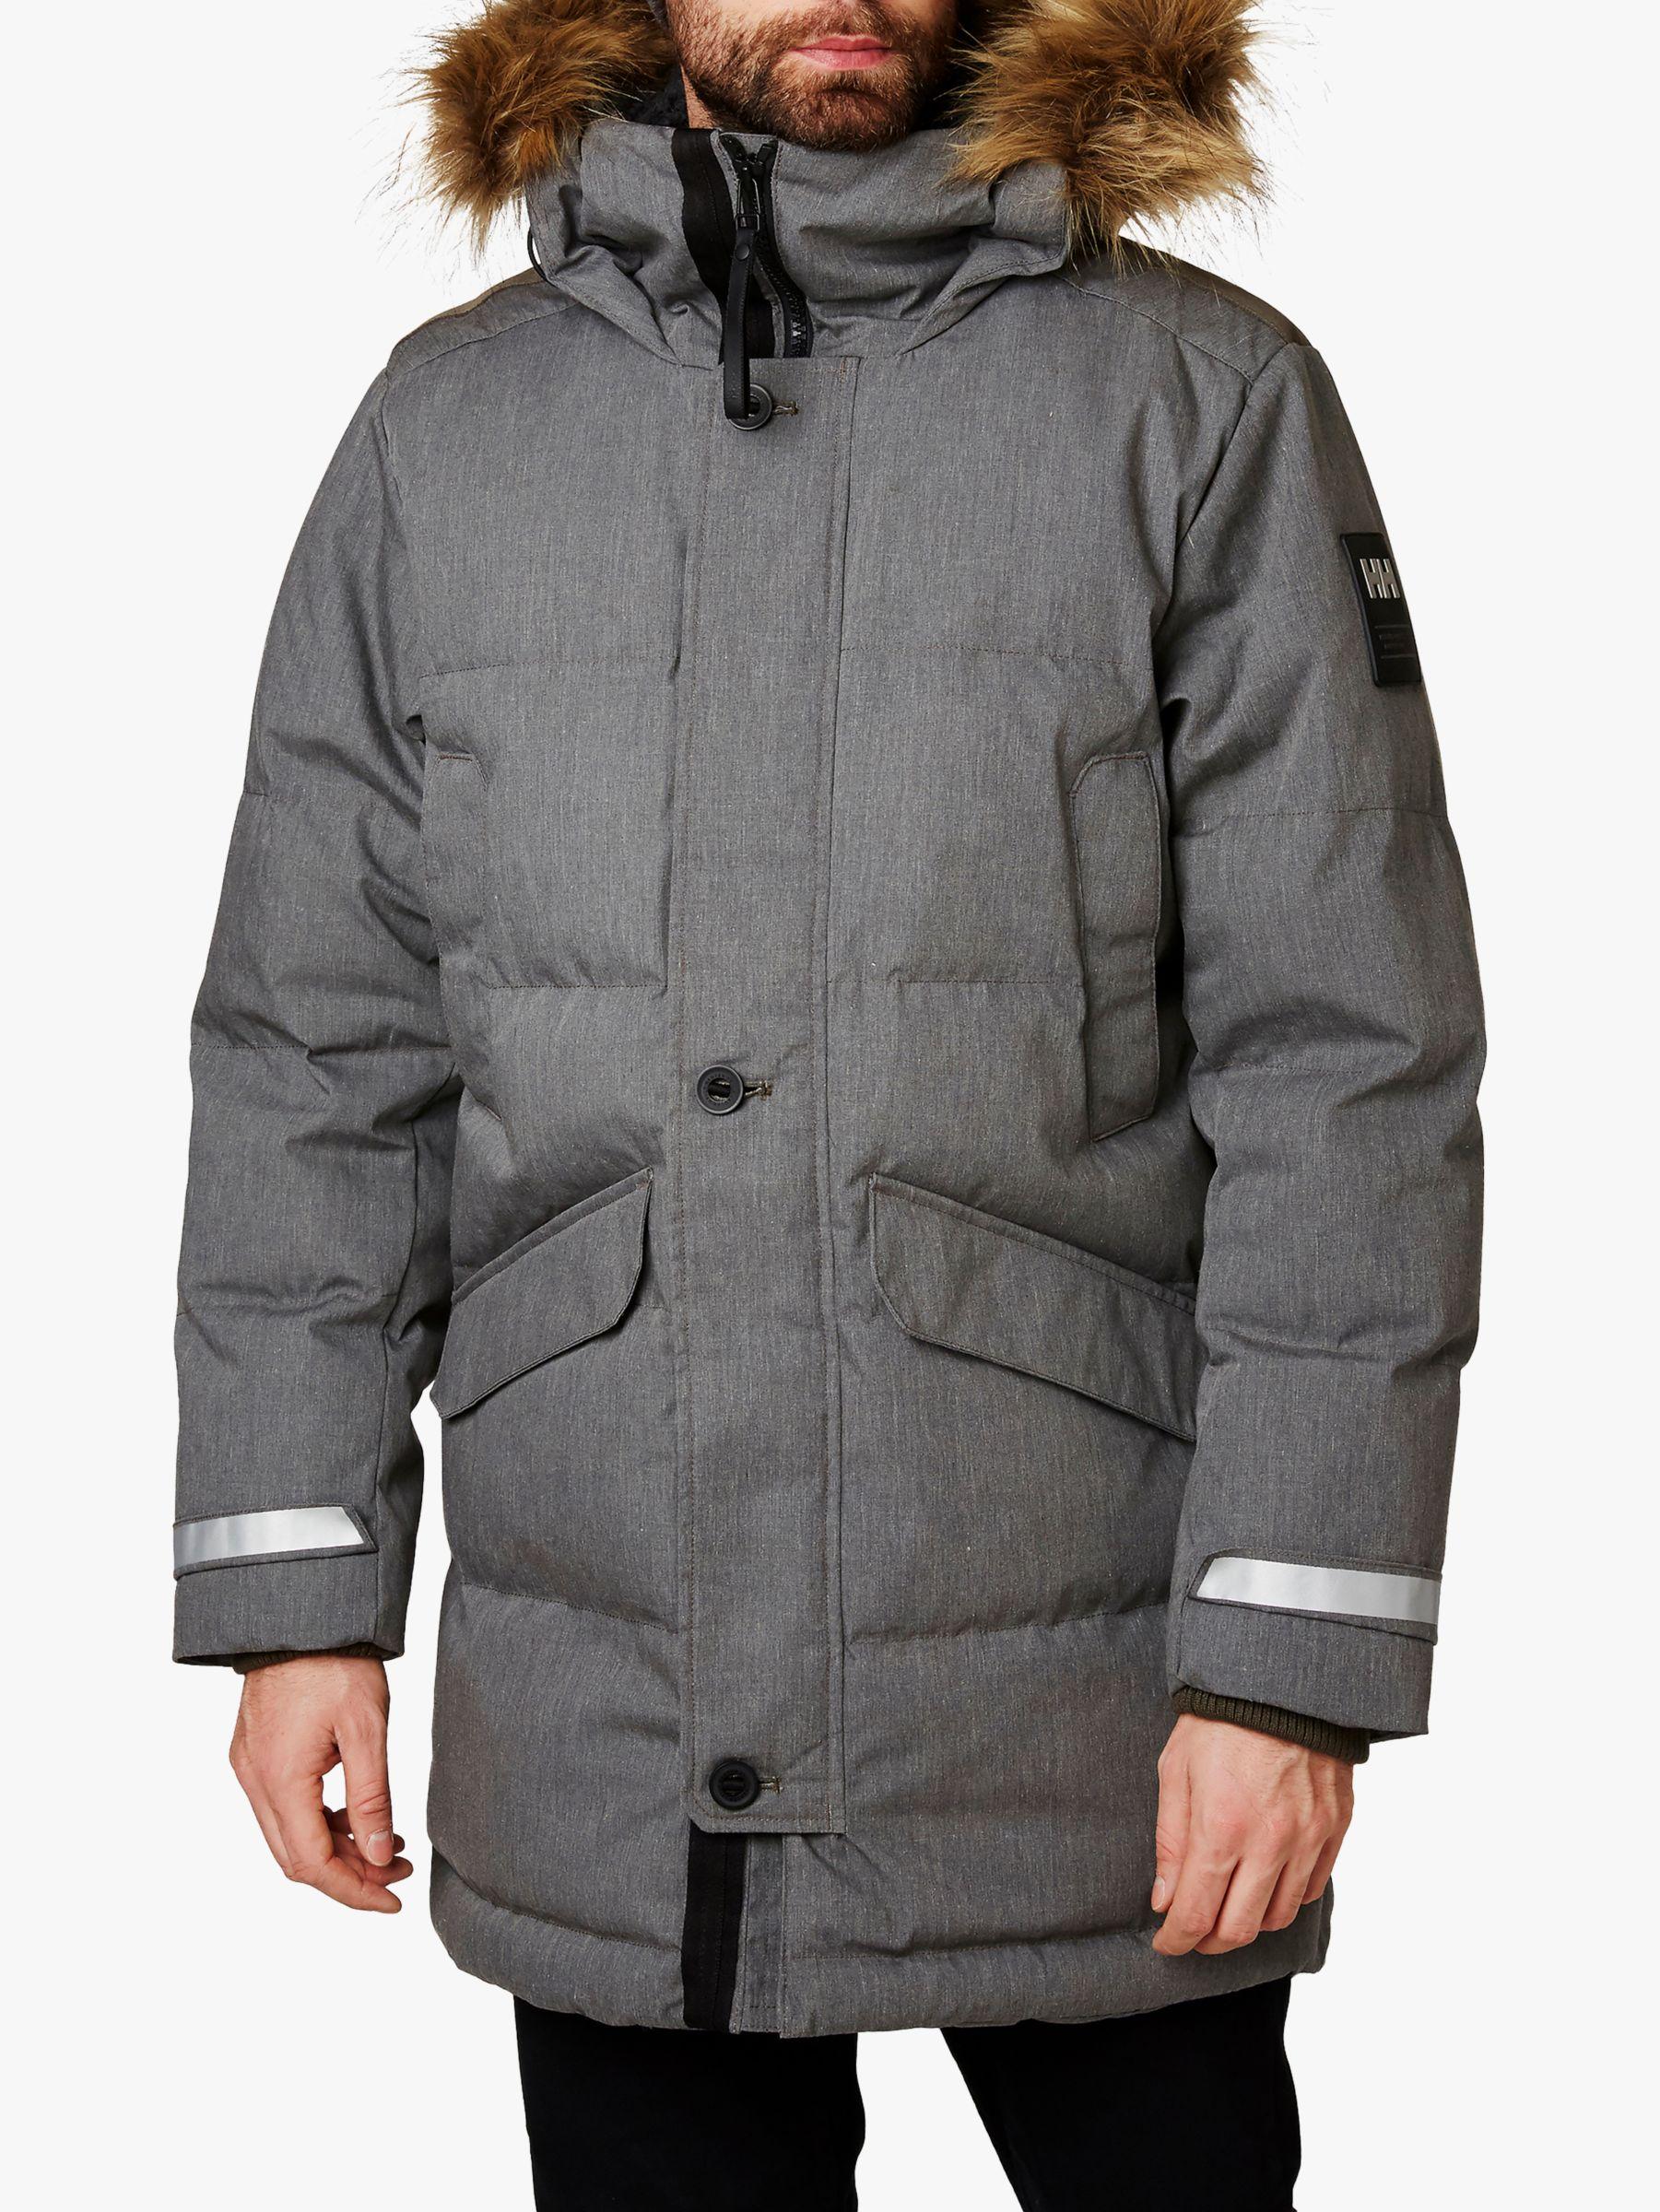 Helly Hansen Helly Hansen Barents Men's Waterproof Parka Jacket, Beluga